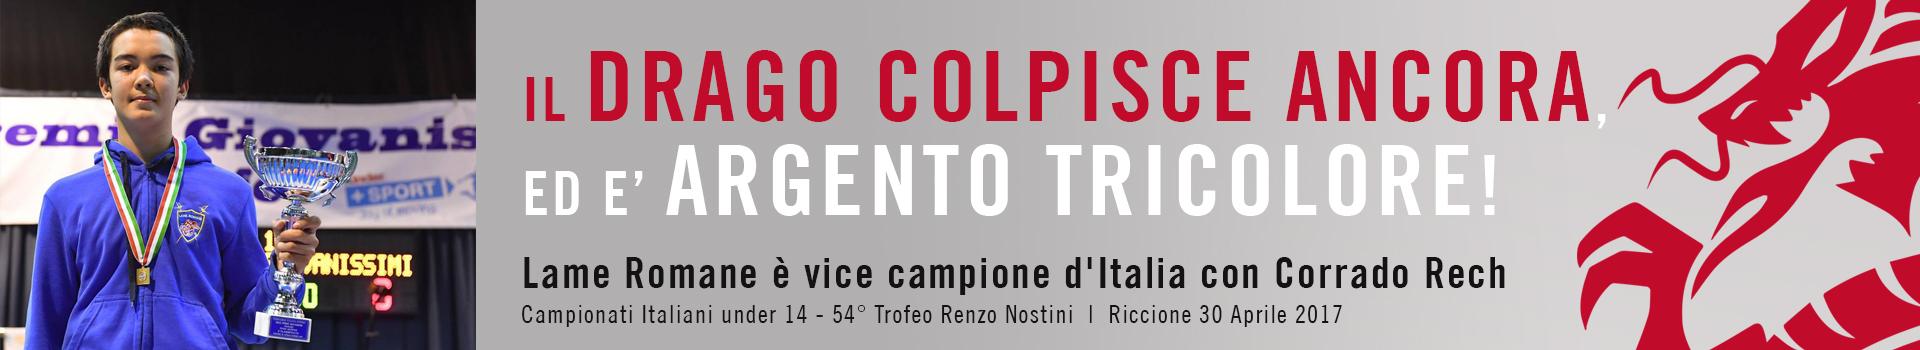 Lame Romane è vice campione d'Italia con Corrado Rech